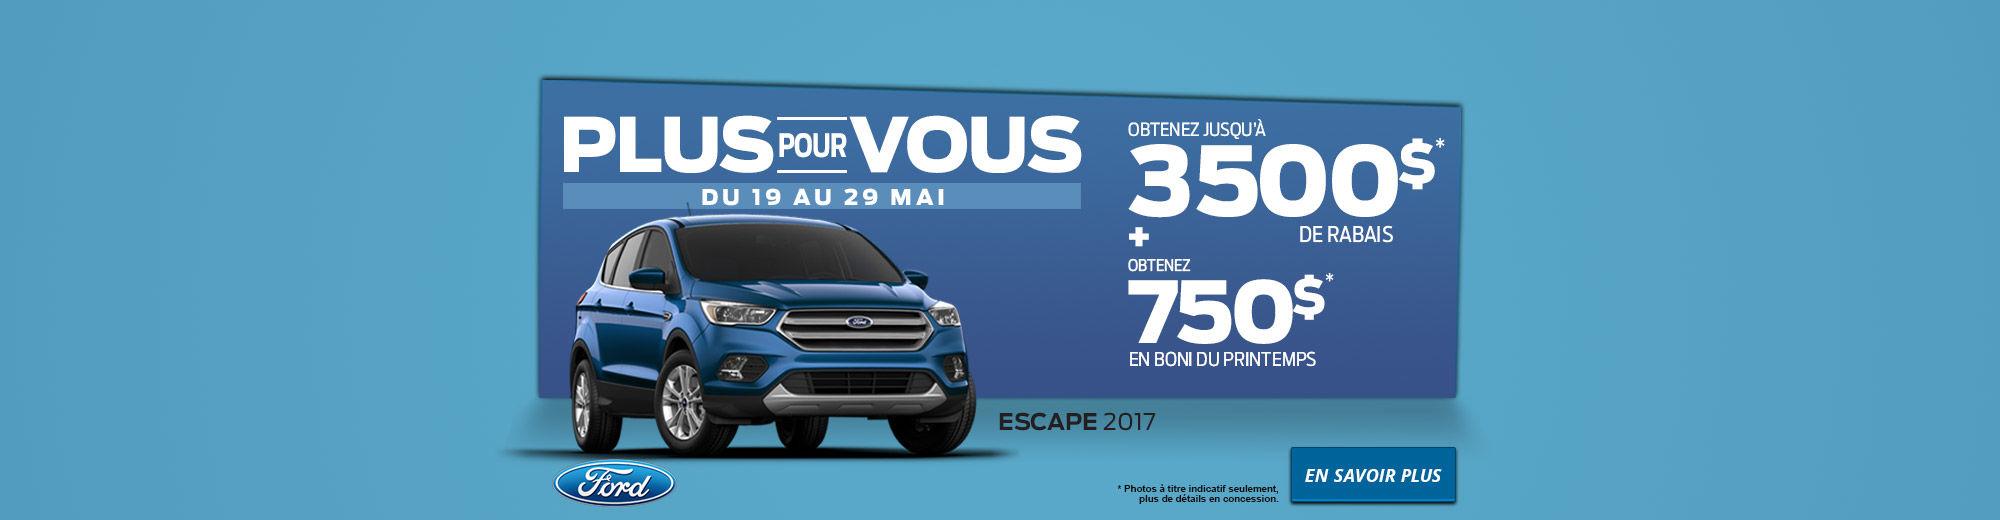 Escape 2017 - Membre de la famille de VUS La plus vendue au pays